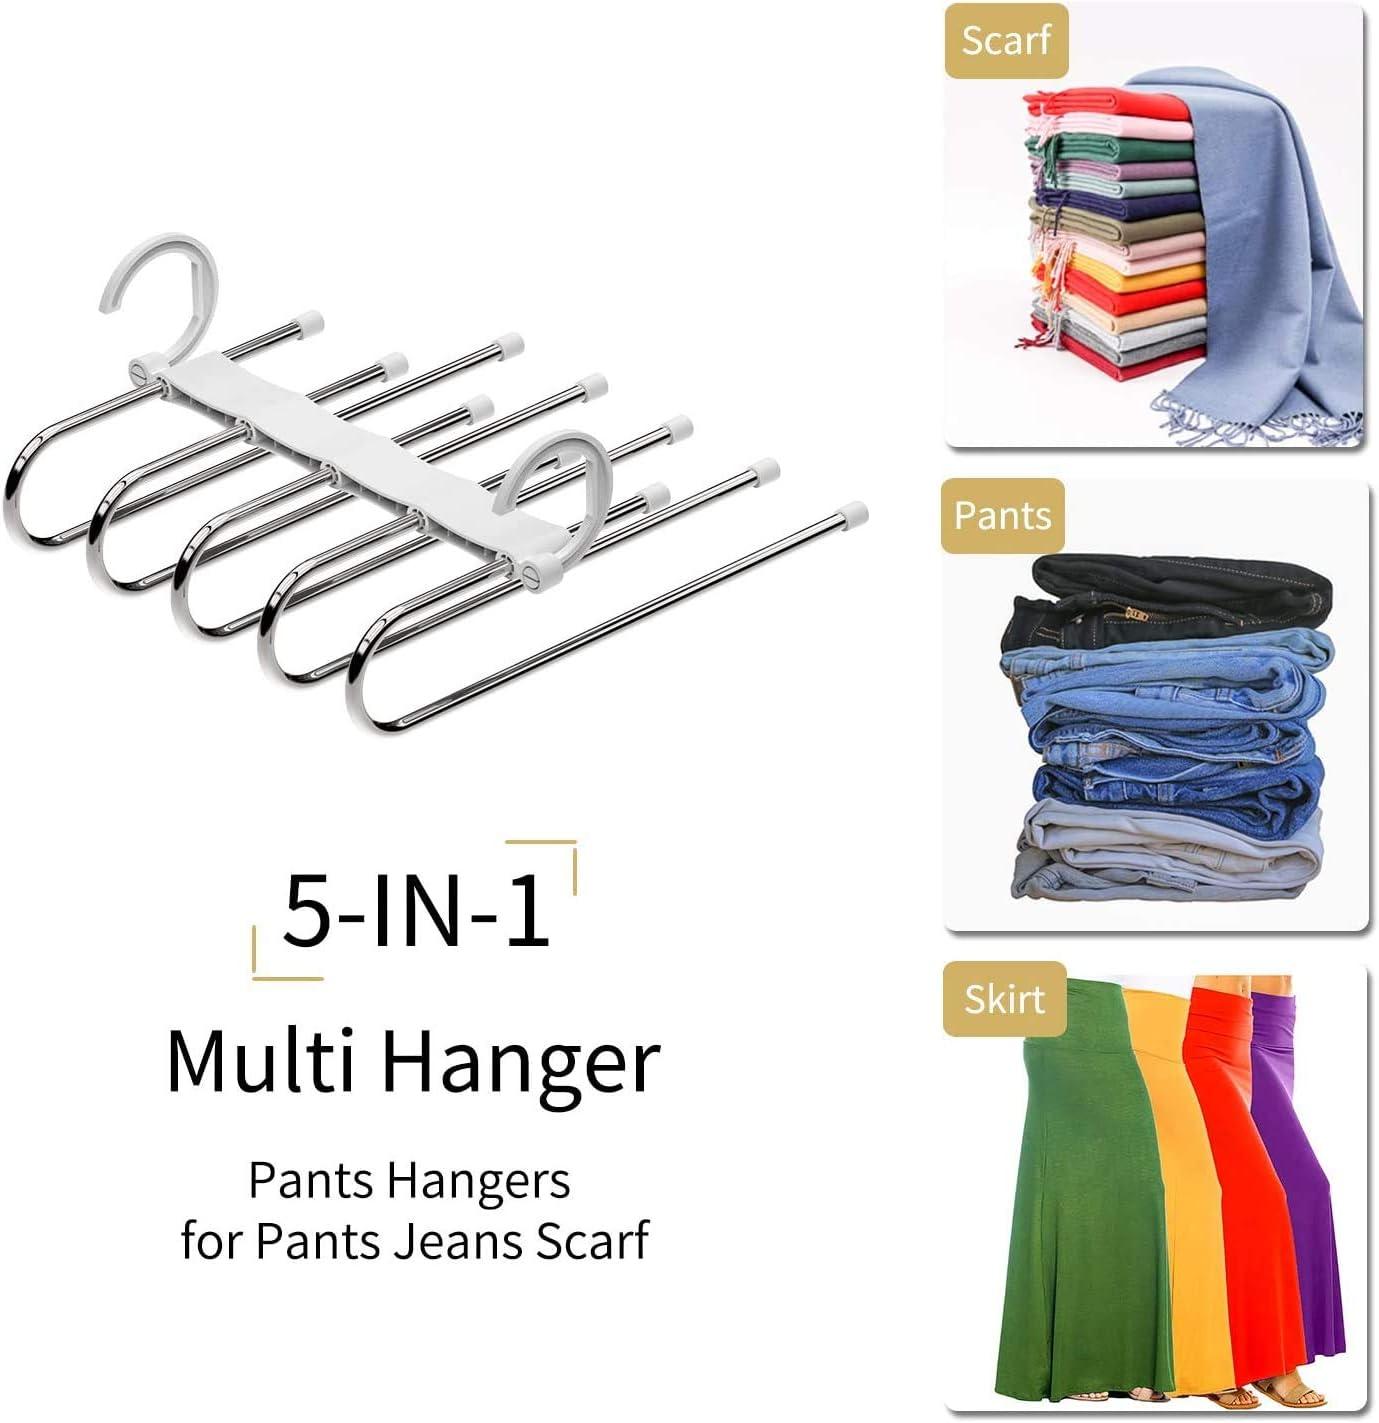 Fulfun Perchas para pantalones de ahorro de espacio 2 ganchos m/ágicos para percha de ropa etc. pantalones camisetas polos varios estantes para pantalones vaqueros